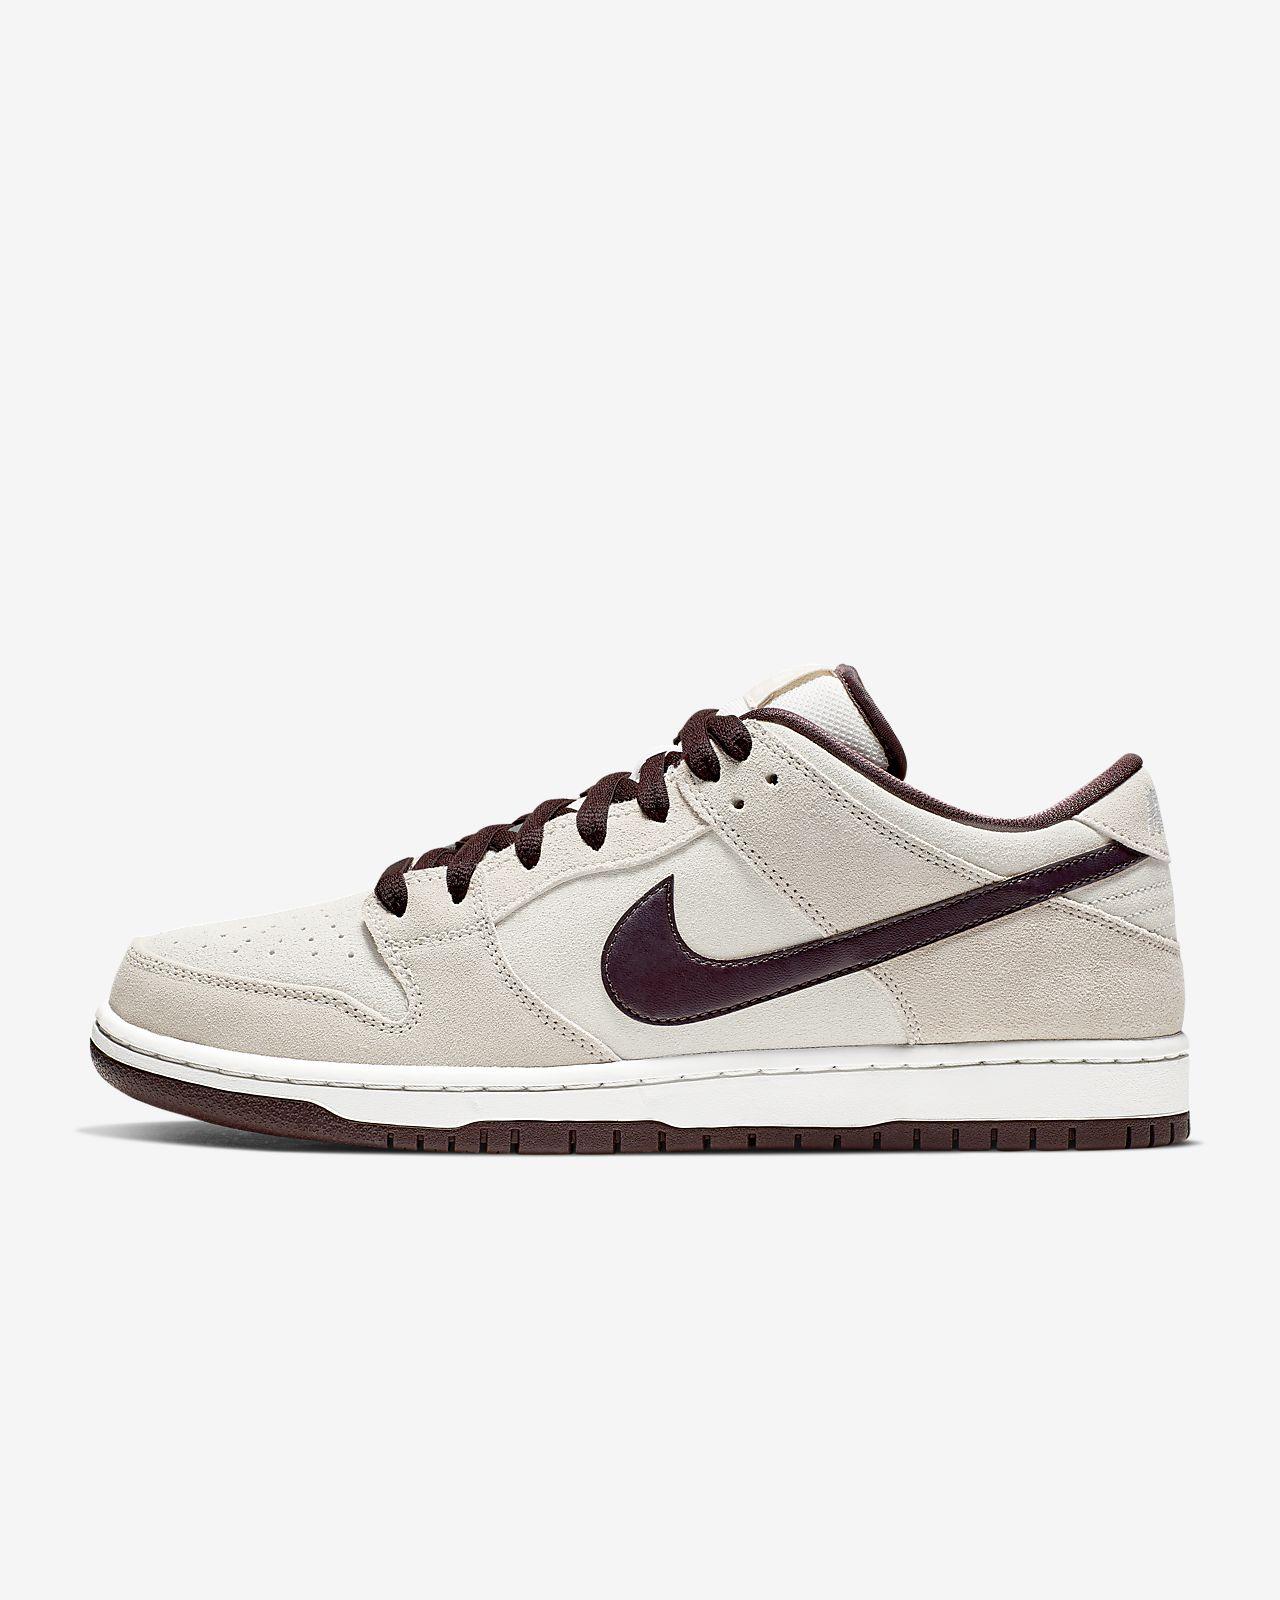 best service 3dd01 714bd Nike SB Dunk Low Pro Skate Shoe